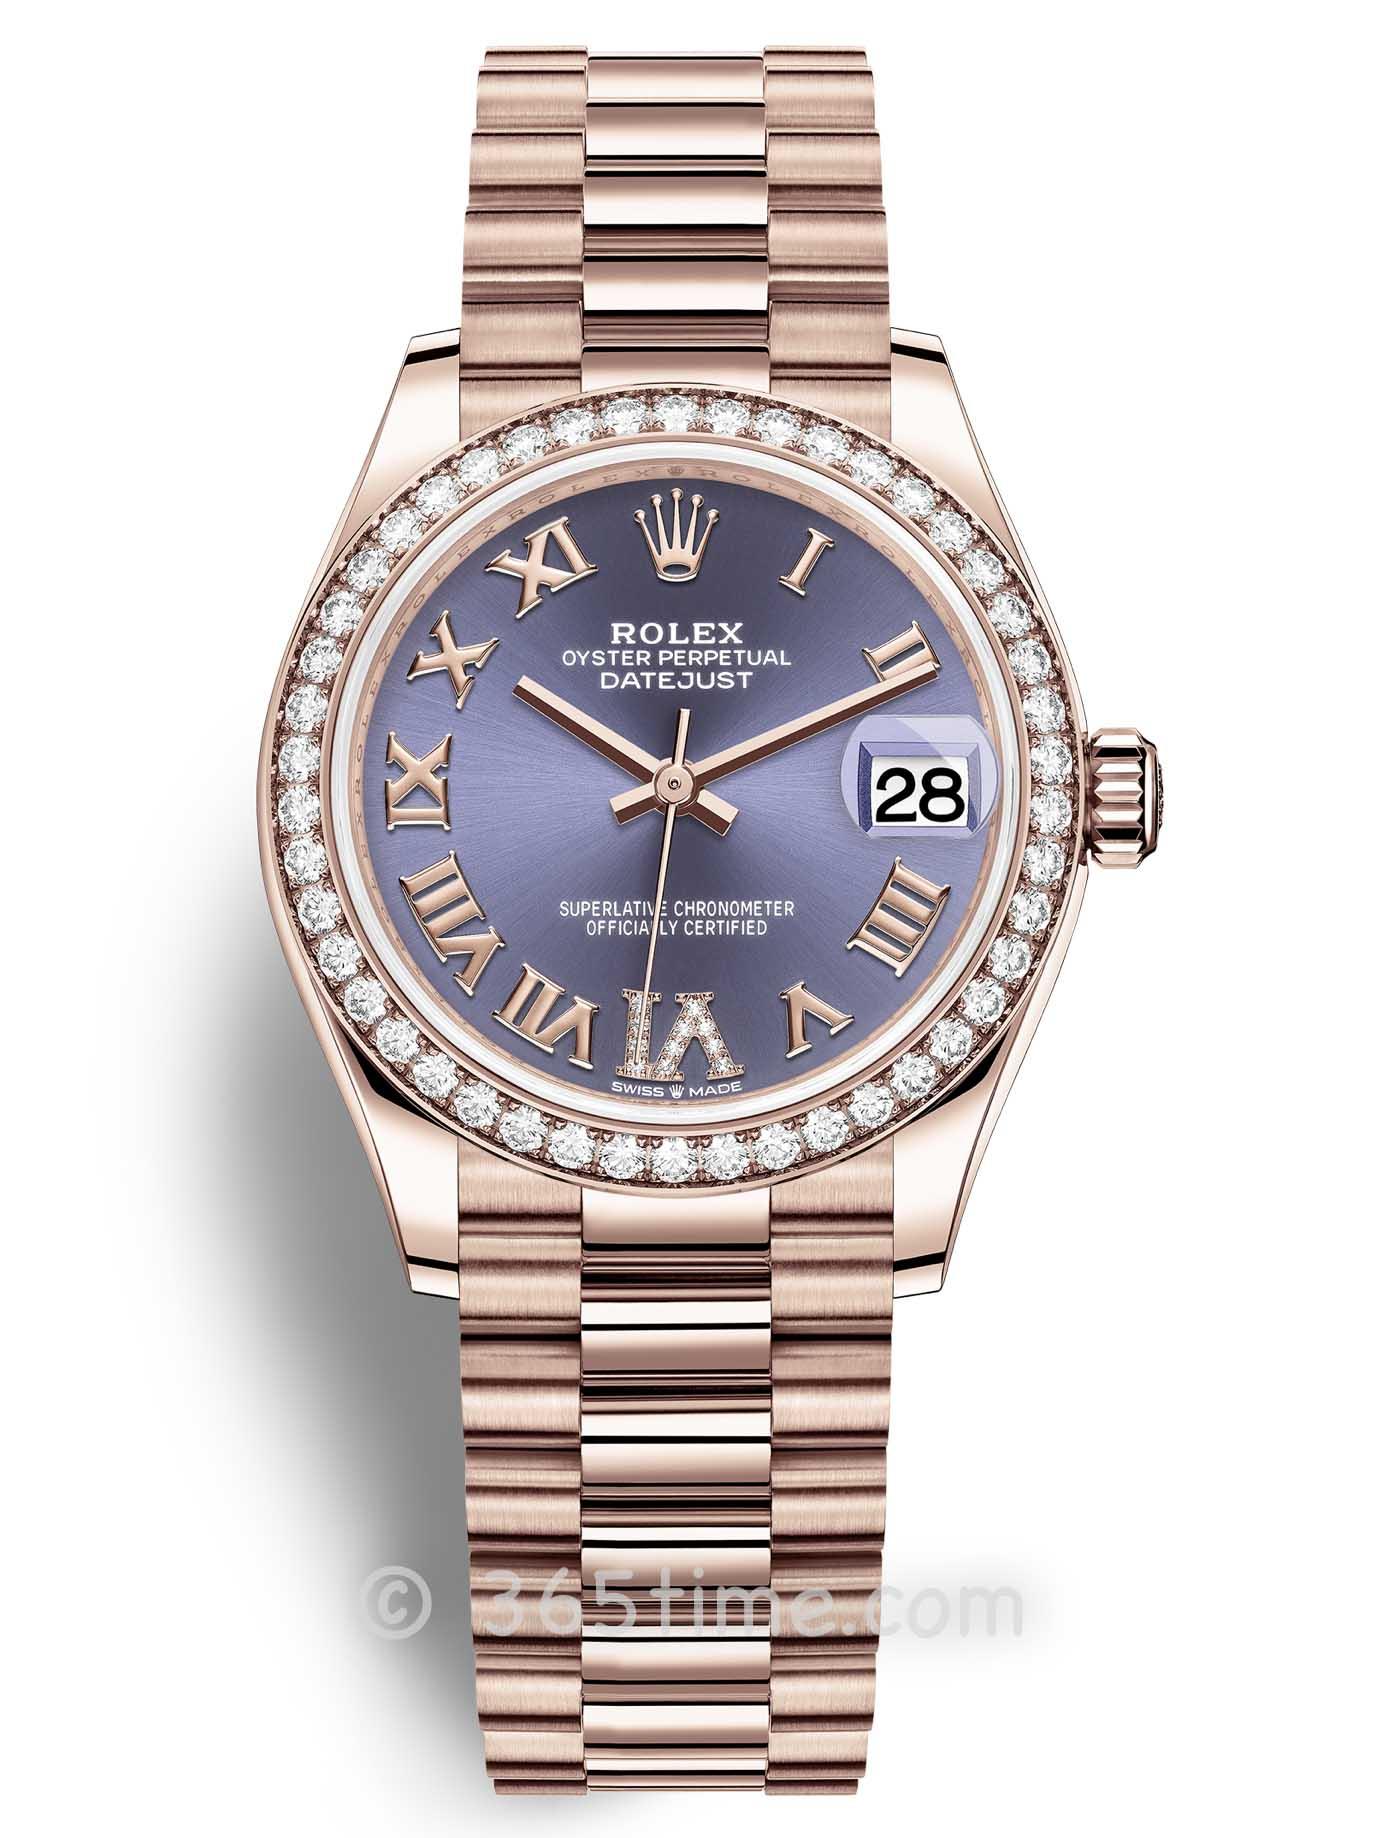 Rolex劳力士蚝式恒动日志型31女士手表278285rbr-0023